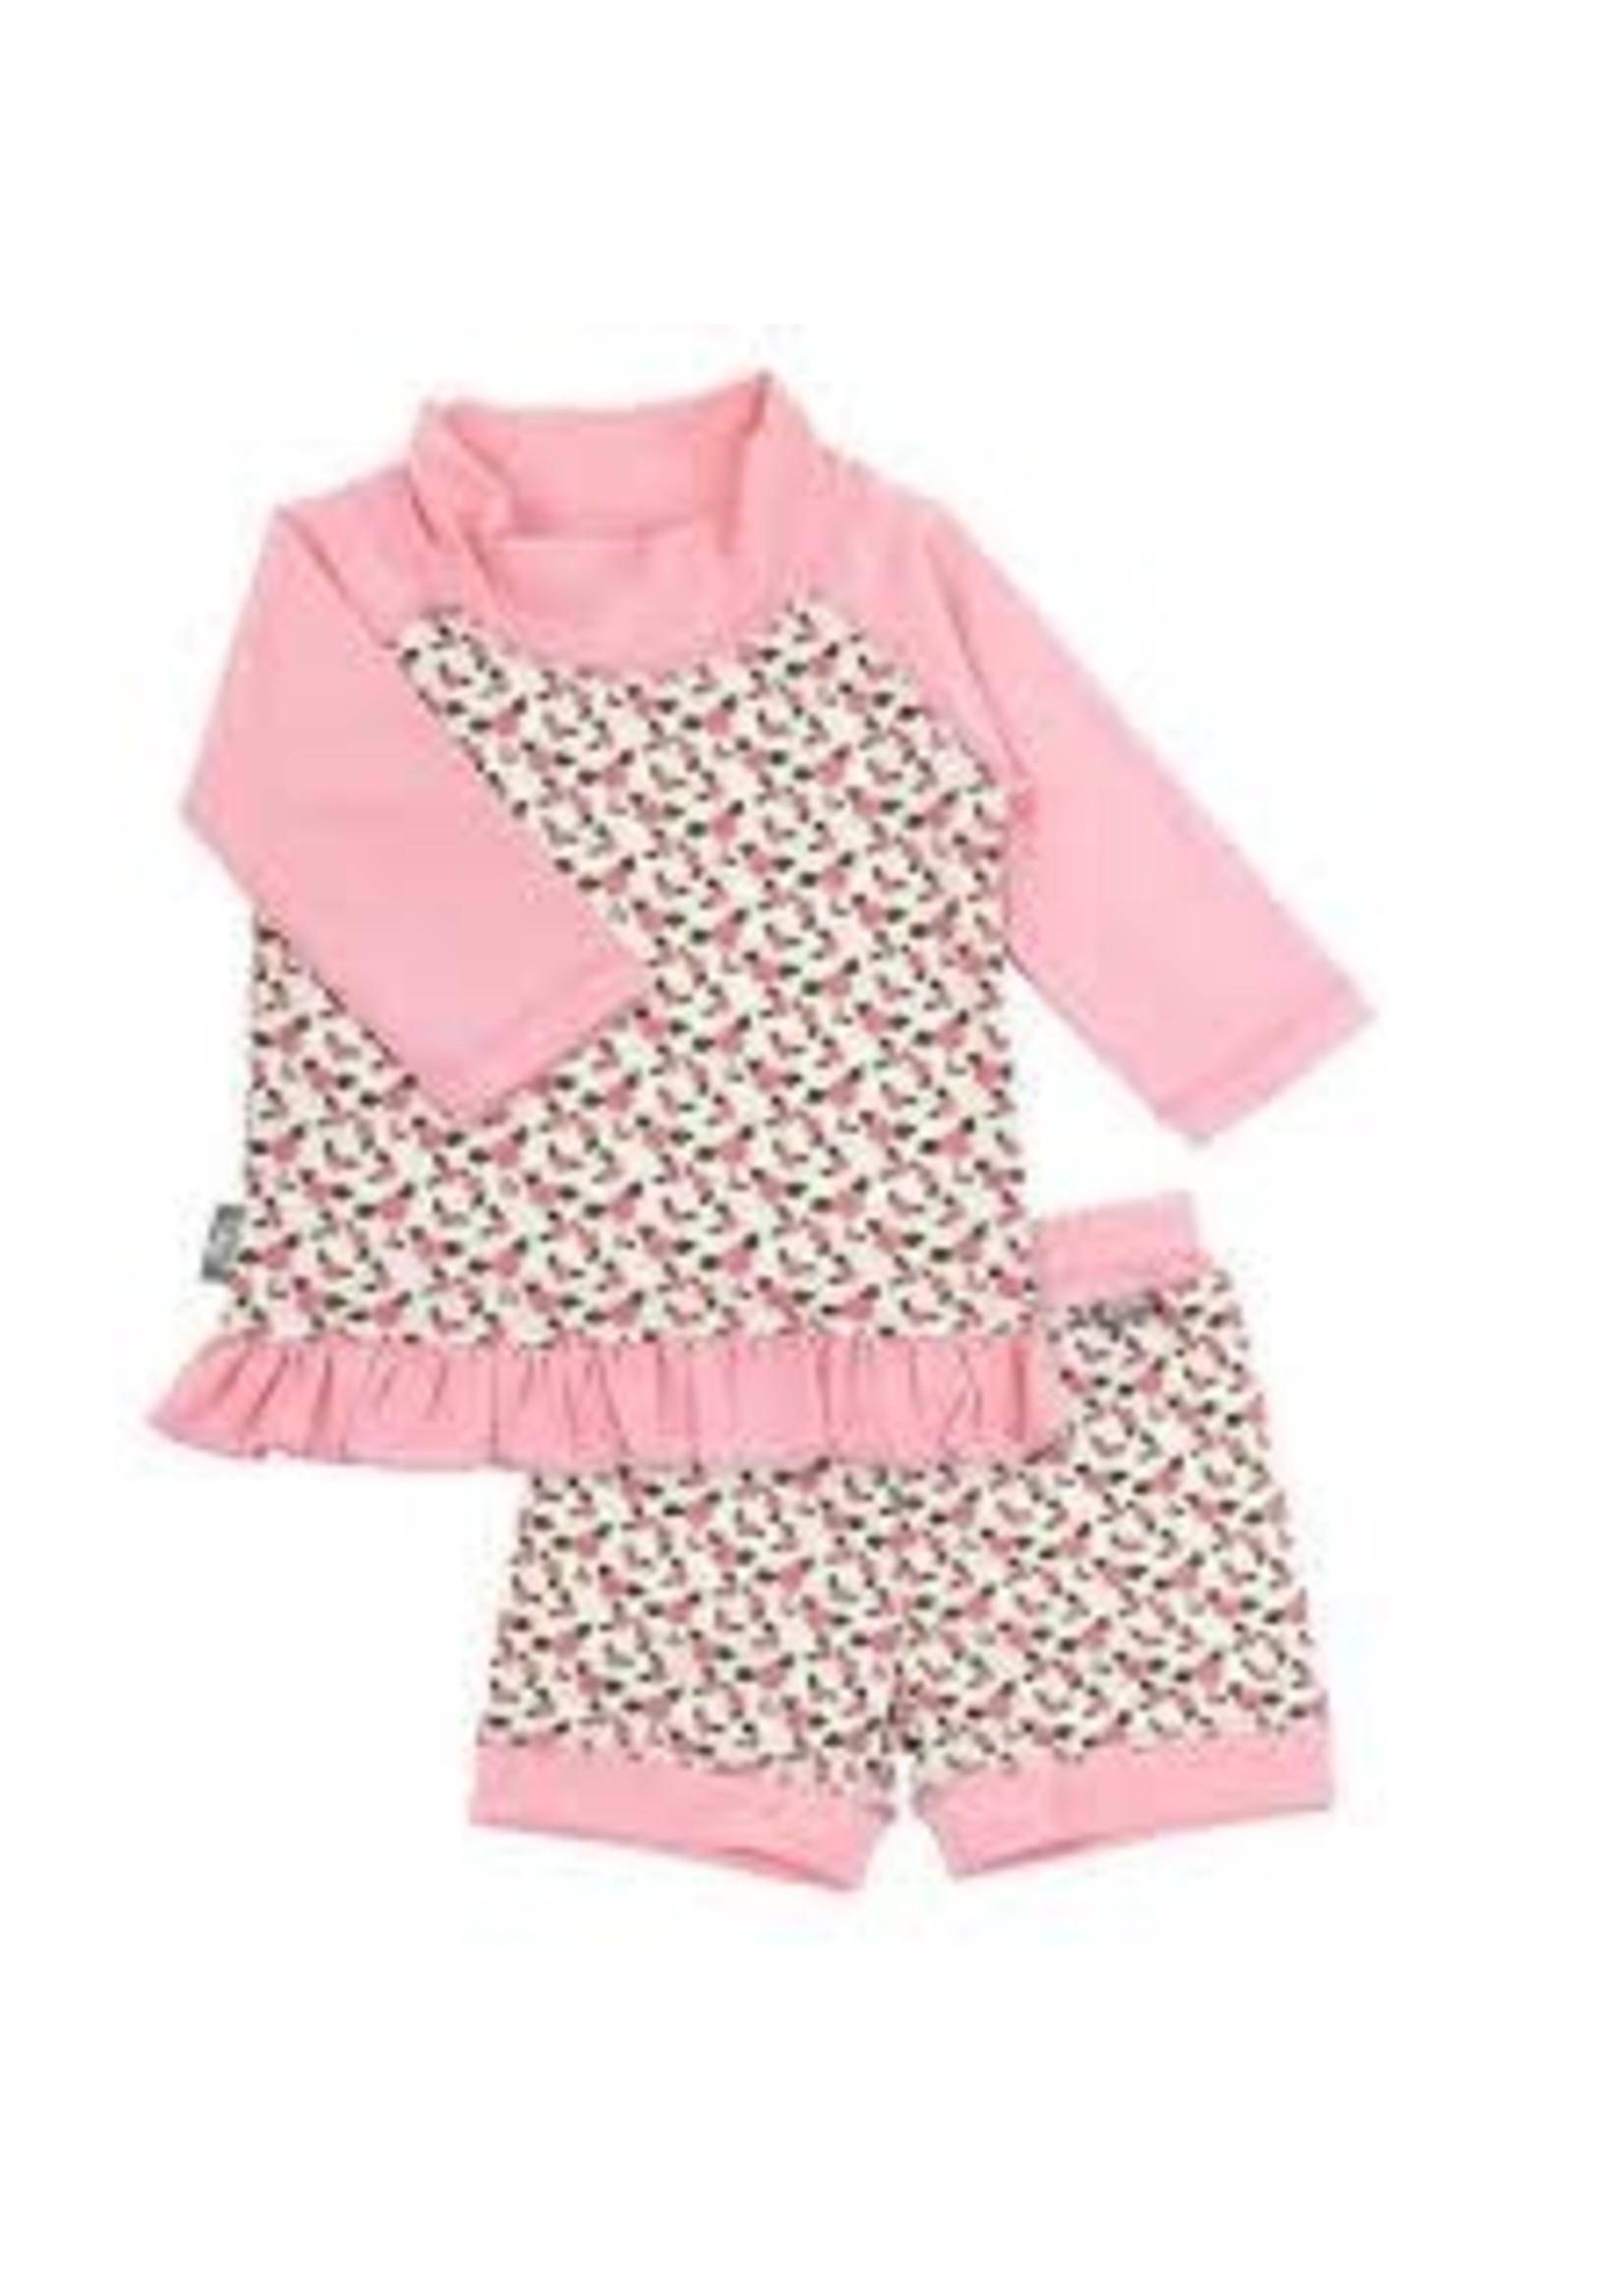 jan & jul Swim Shirt & Short Set (Tiny Rose)